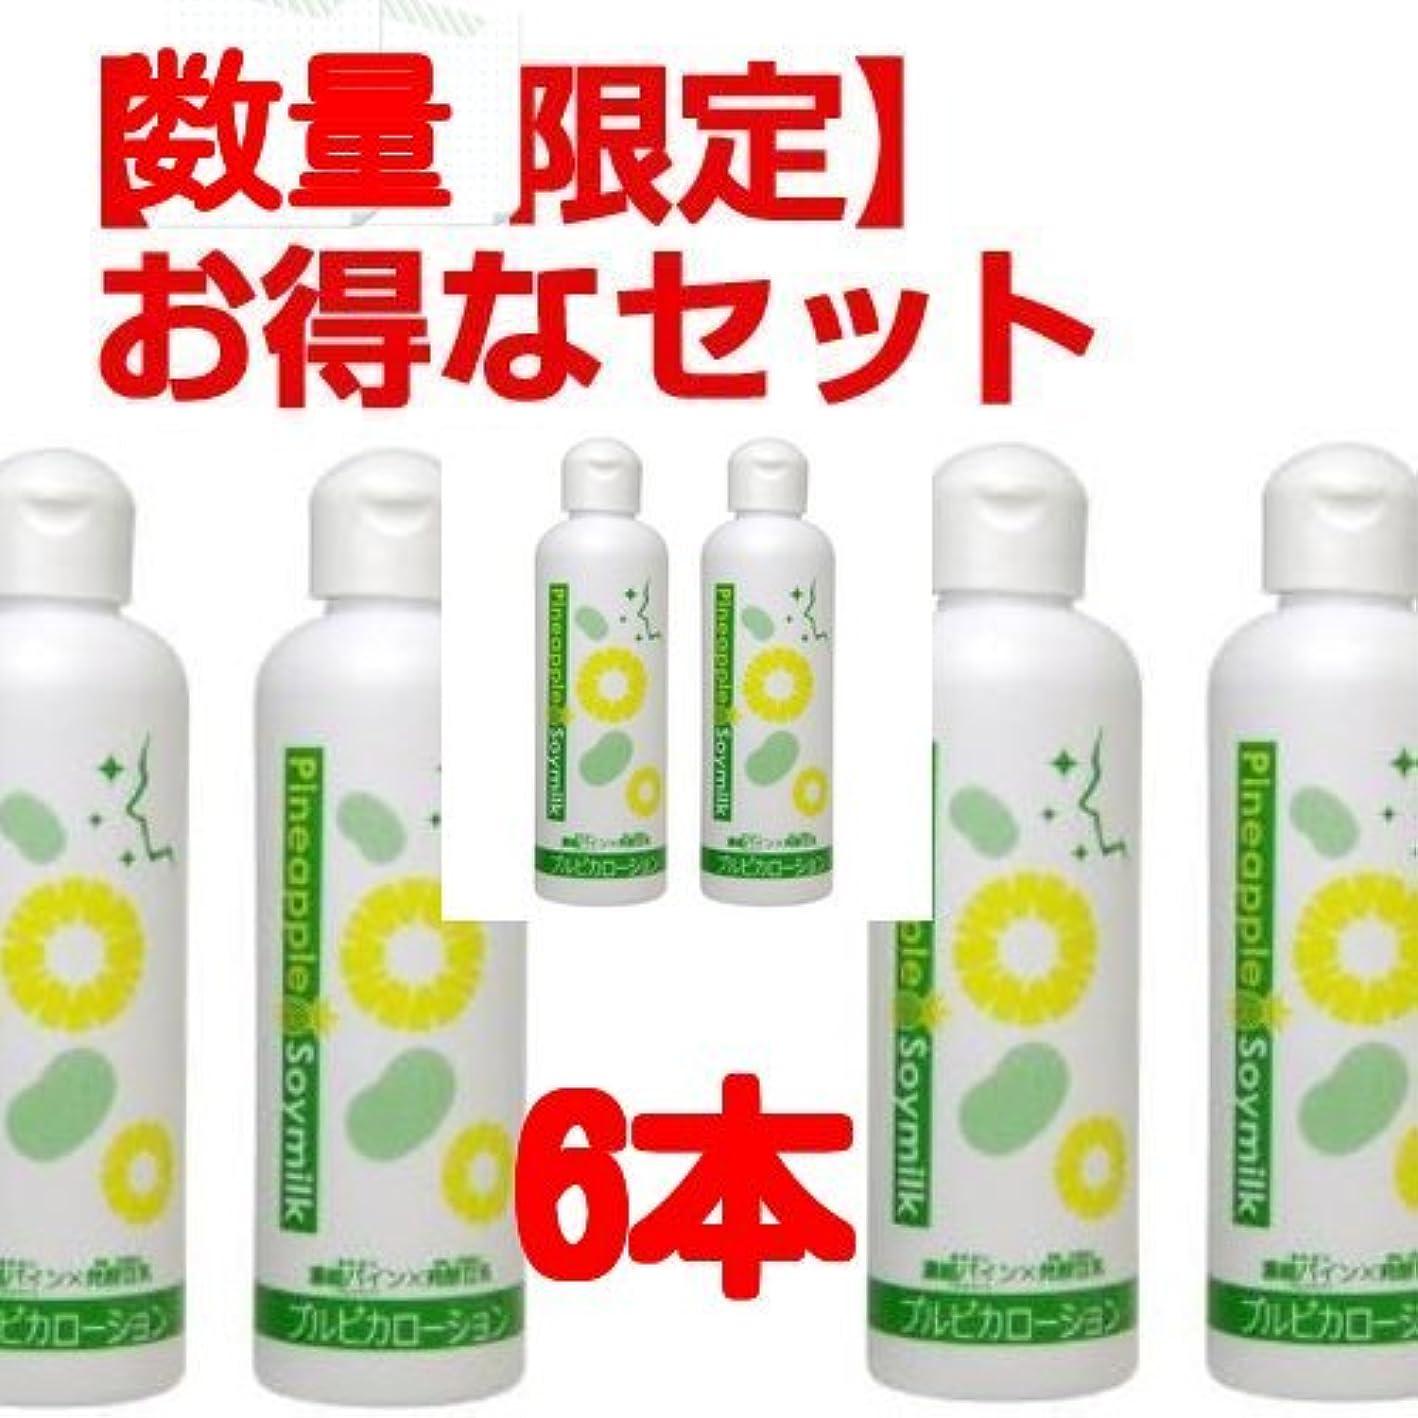 補助貫通ケイ素超お得ボリゥーム購入パイン豆乳ローション 6本(2本セット×3)